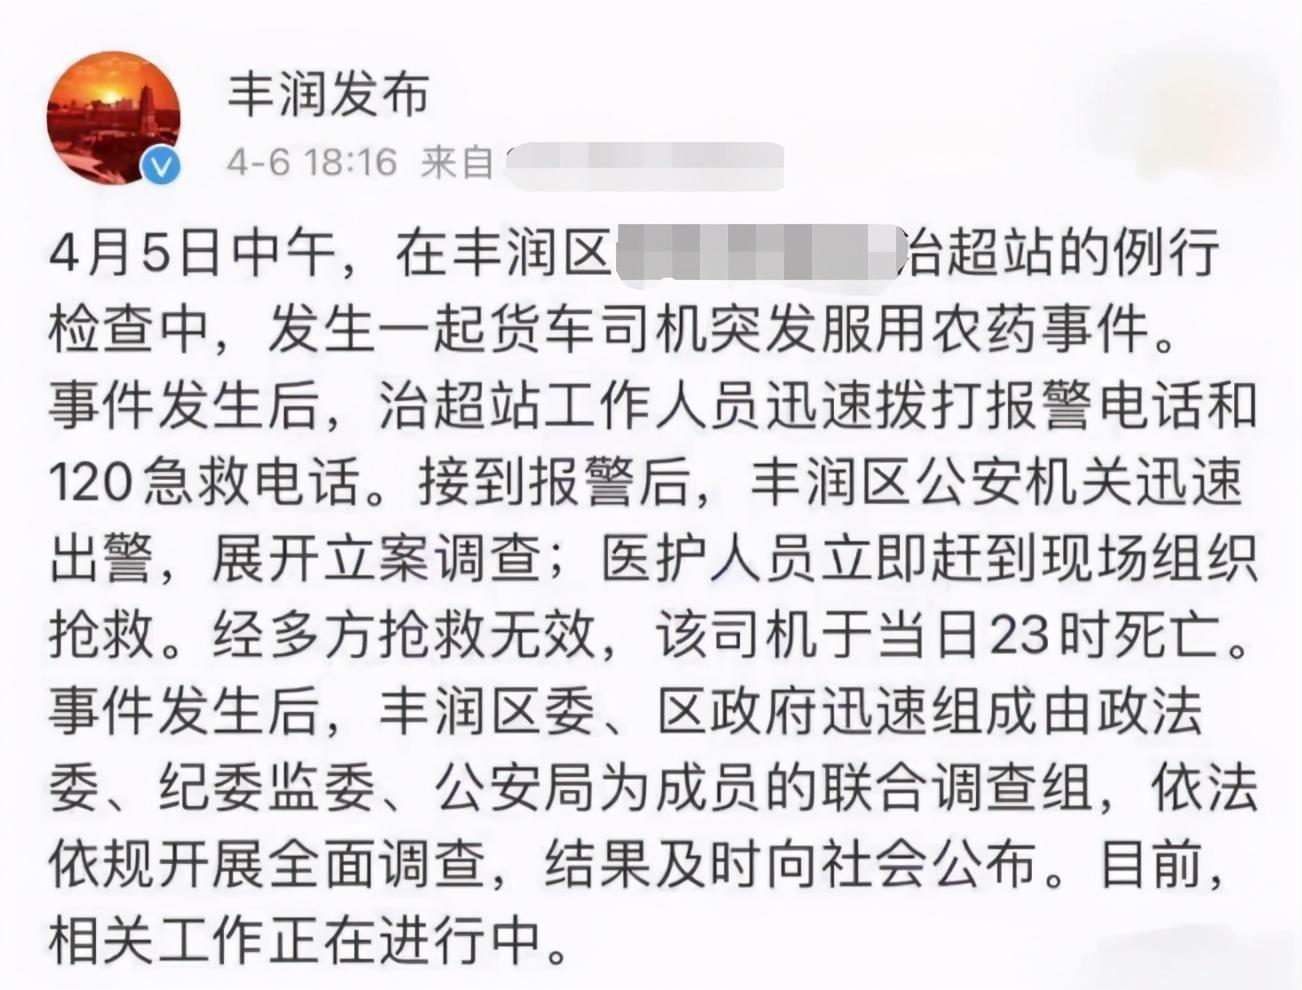 河北货车司机遭罚款扣车后,喝农药自杀,遗书:用死唤醒领导重视